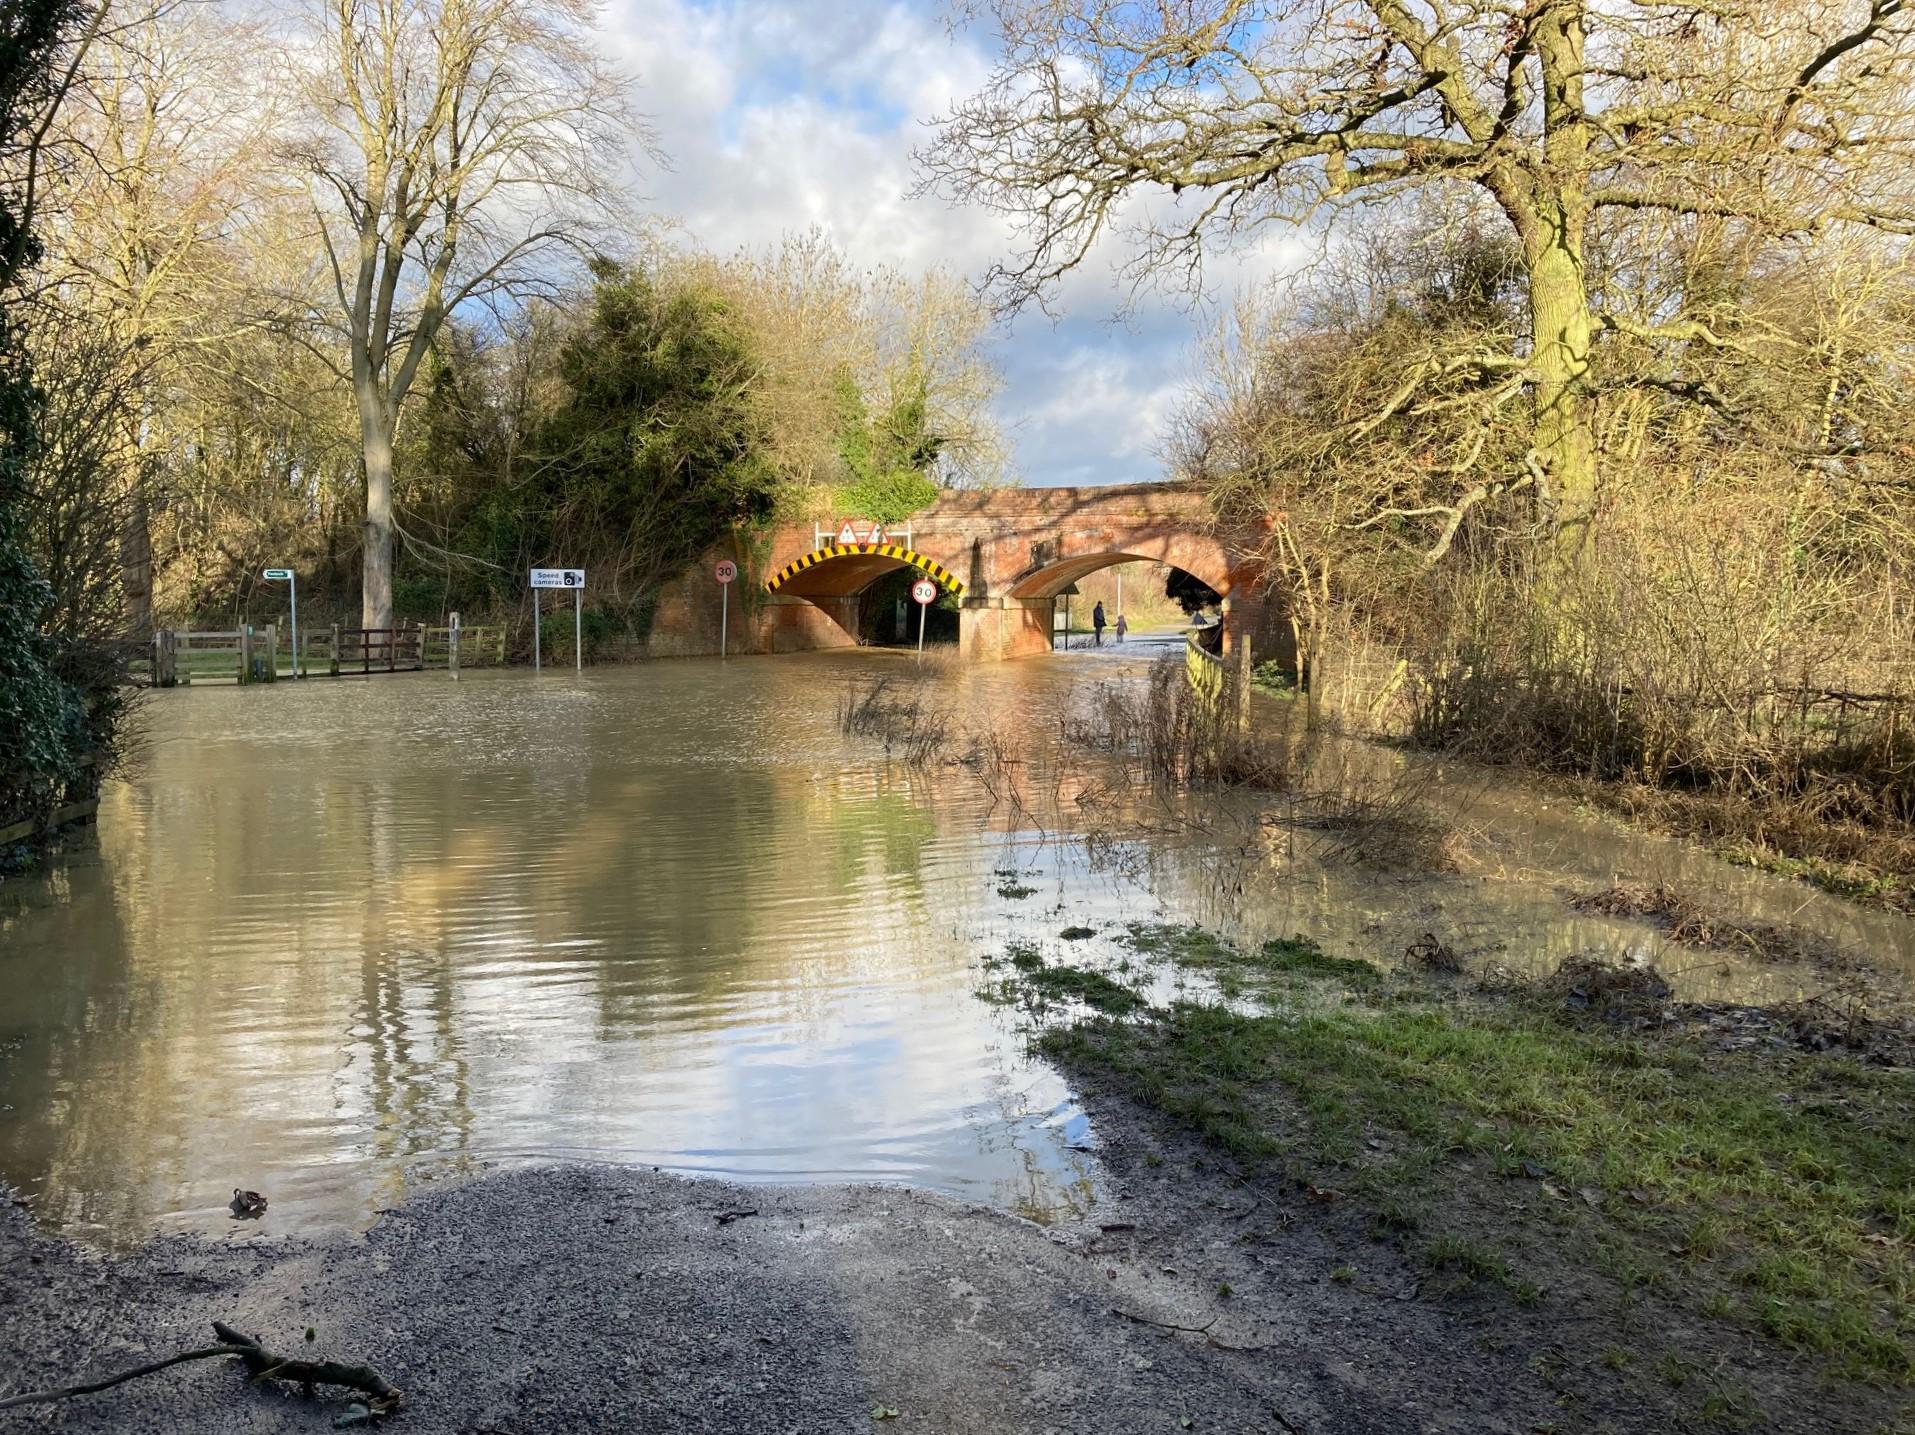 Flood at Lubenham Rail Bridge - Jan 2021